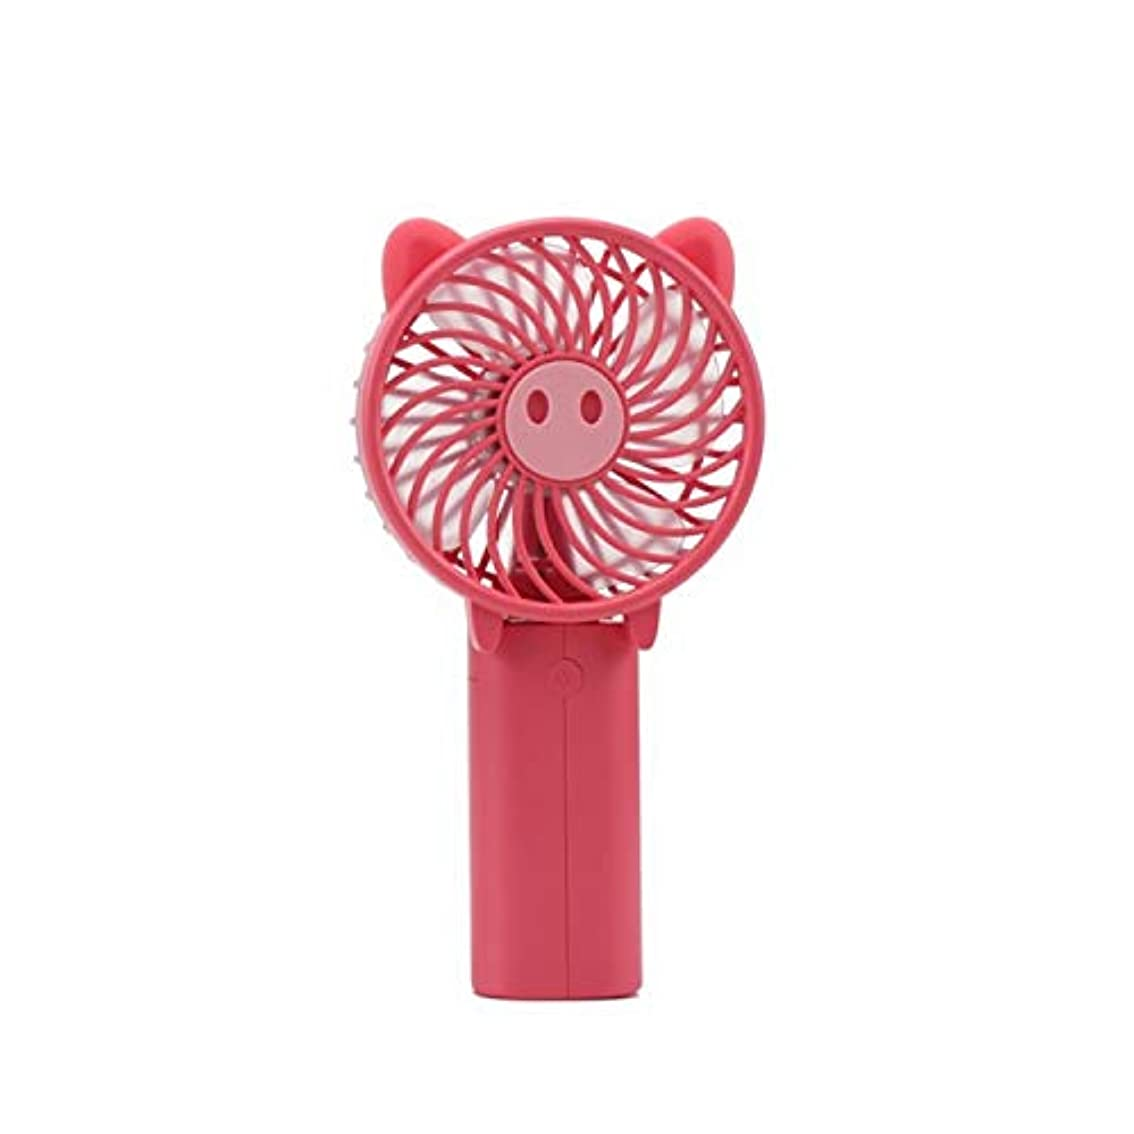 プラカード晴れヒステリックポータブル扇風機 Usbファン小さな豚スタイル電動ファン充電式学生ハンドヘルドポータブルミュートミニファン 小型 携帯扇風機 (Color : Pink)